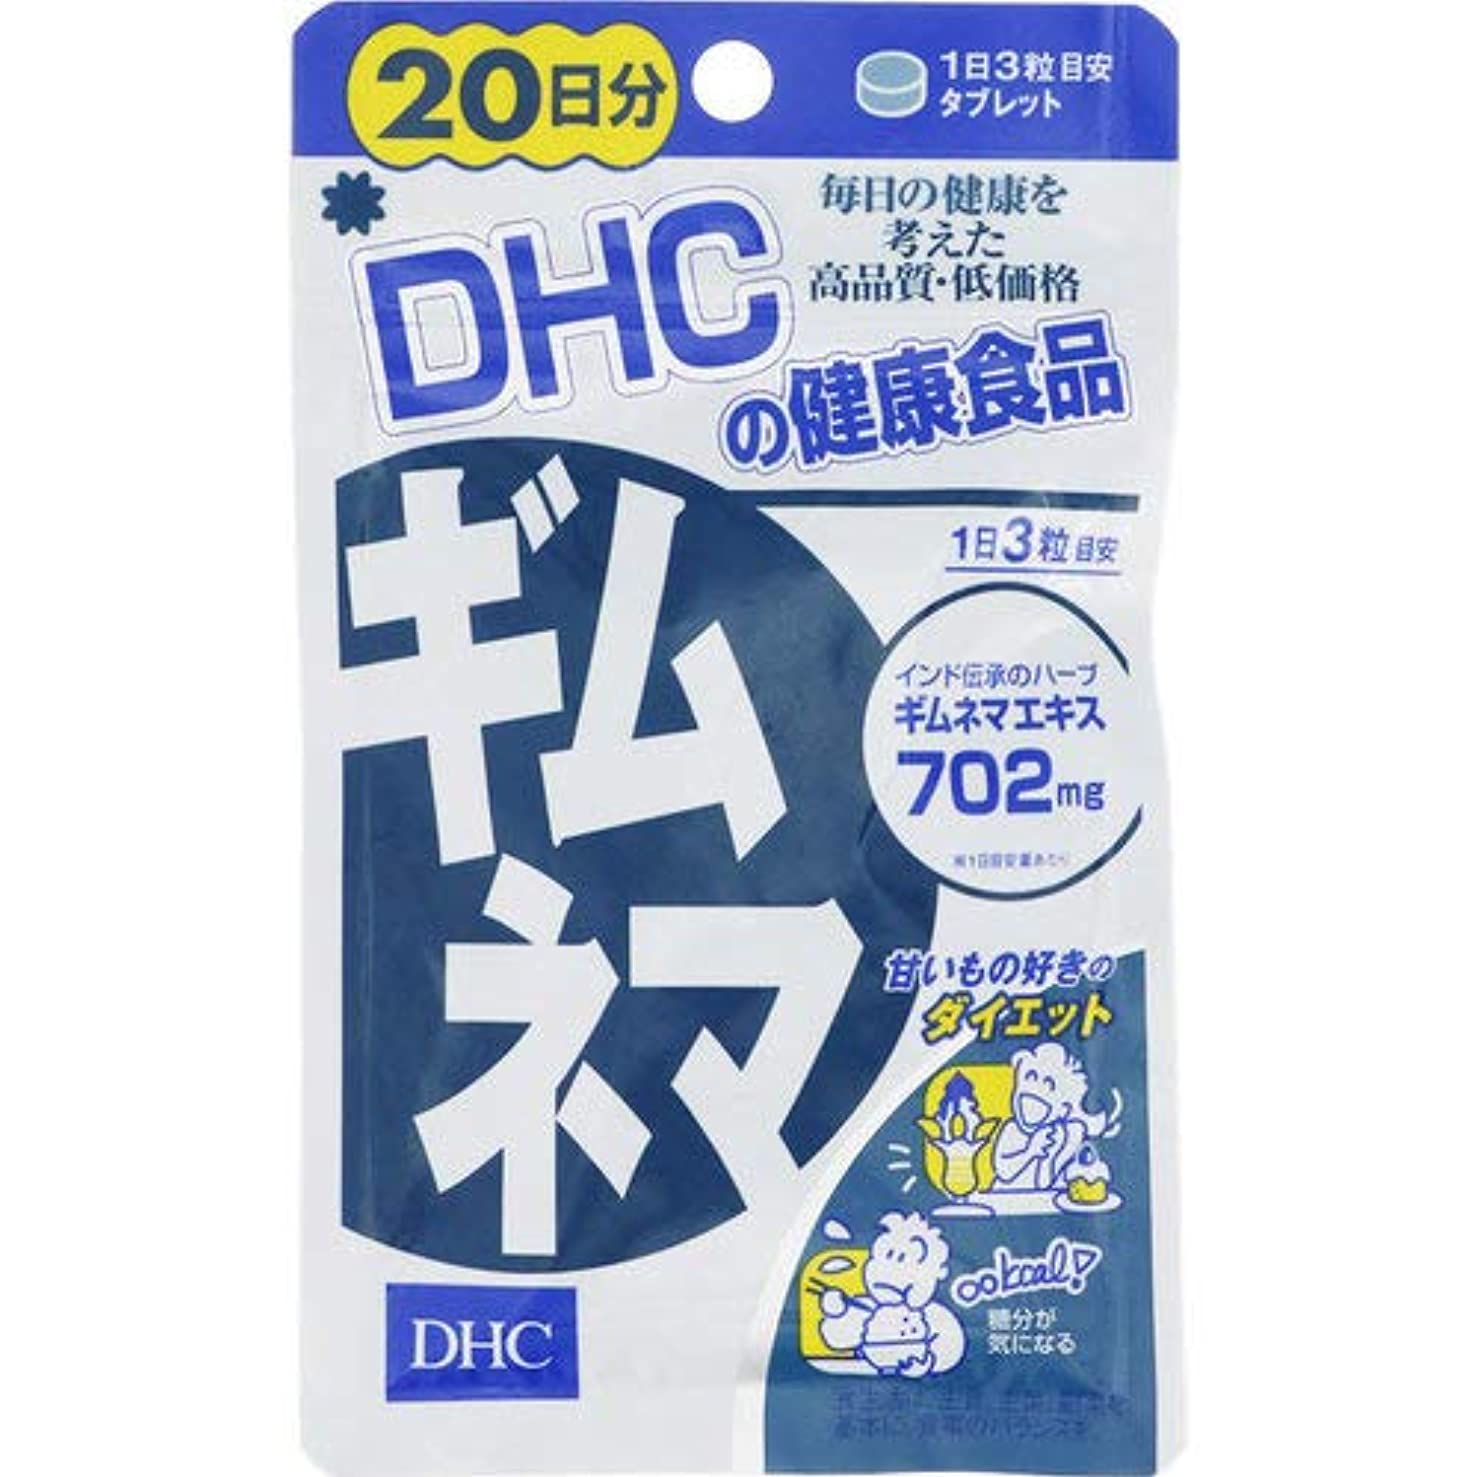 盲目病者軽食【DHC】ギムネマ 20日分 (60粒)